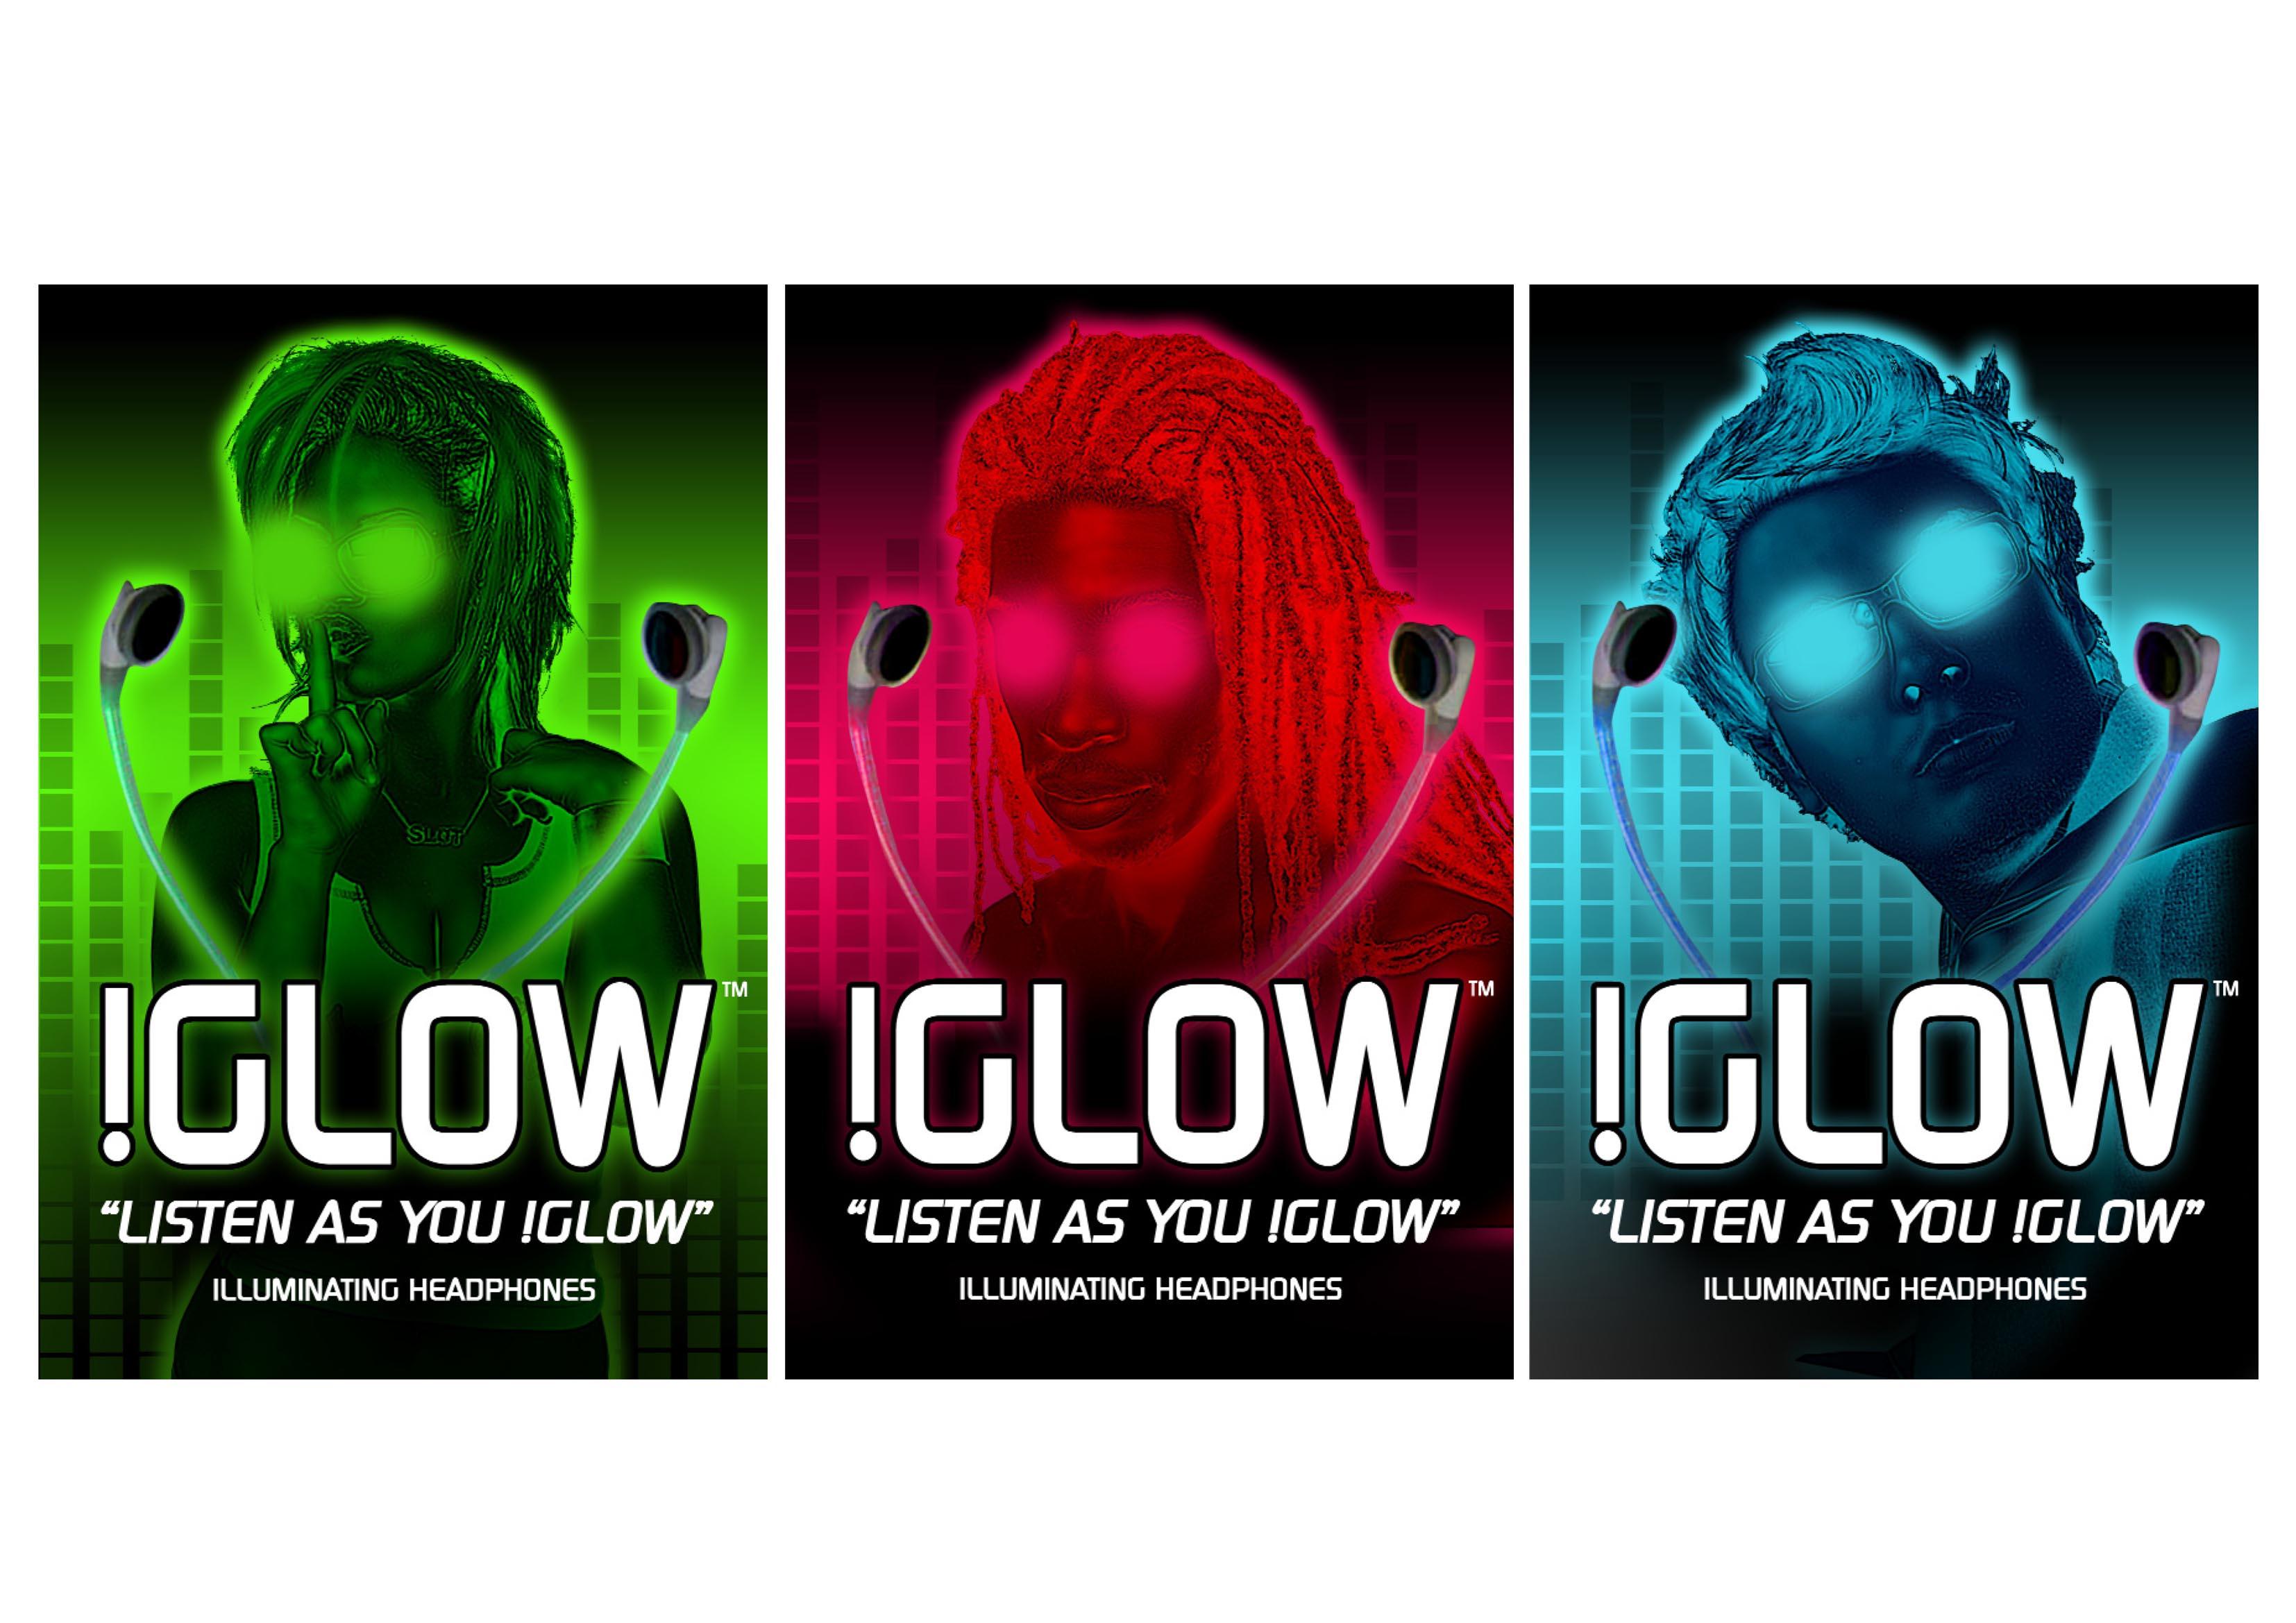 iGlow Marketing